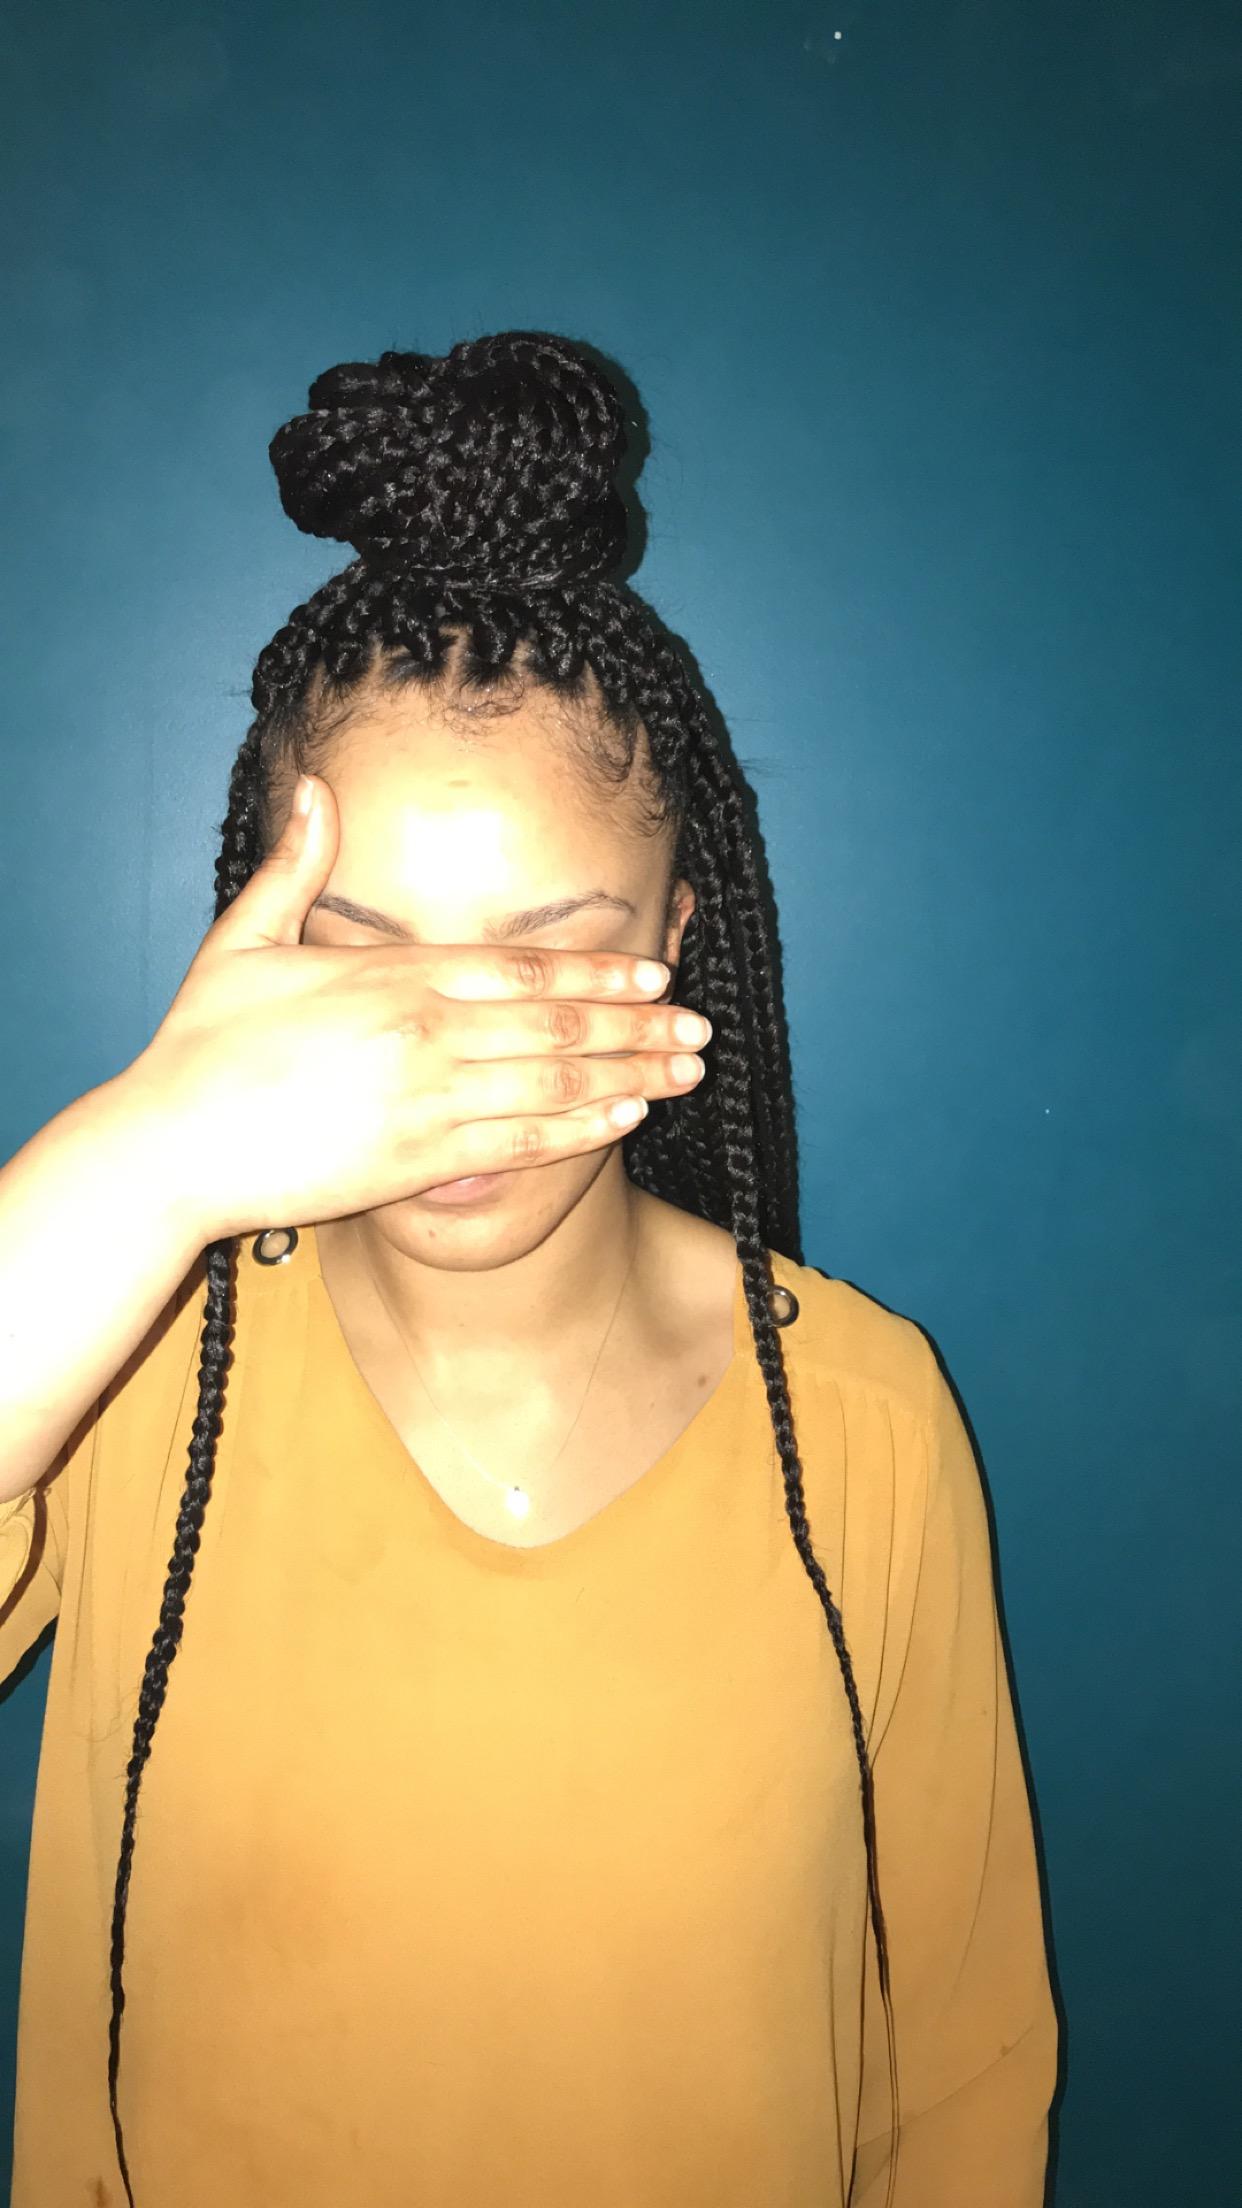 salon de coiffure afro tresse tresses box braids crochet braids vanilles tissages paris 75 77 78 91 92 93 94 95 PAYKPMBI